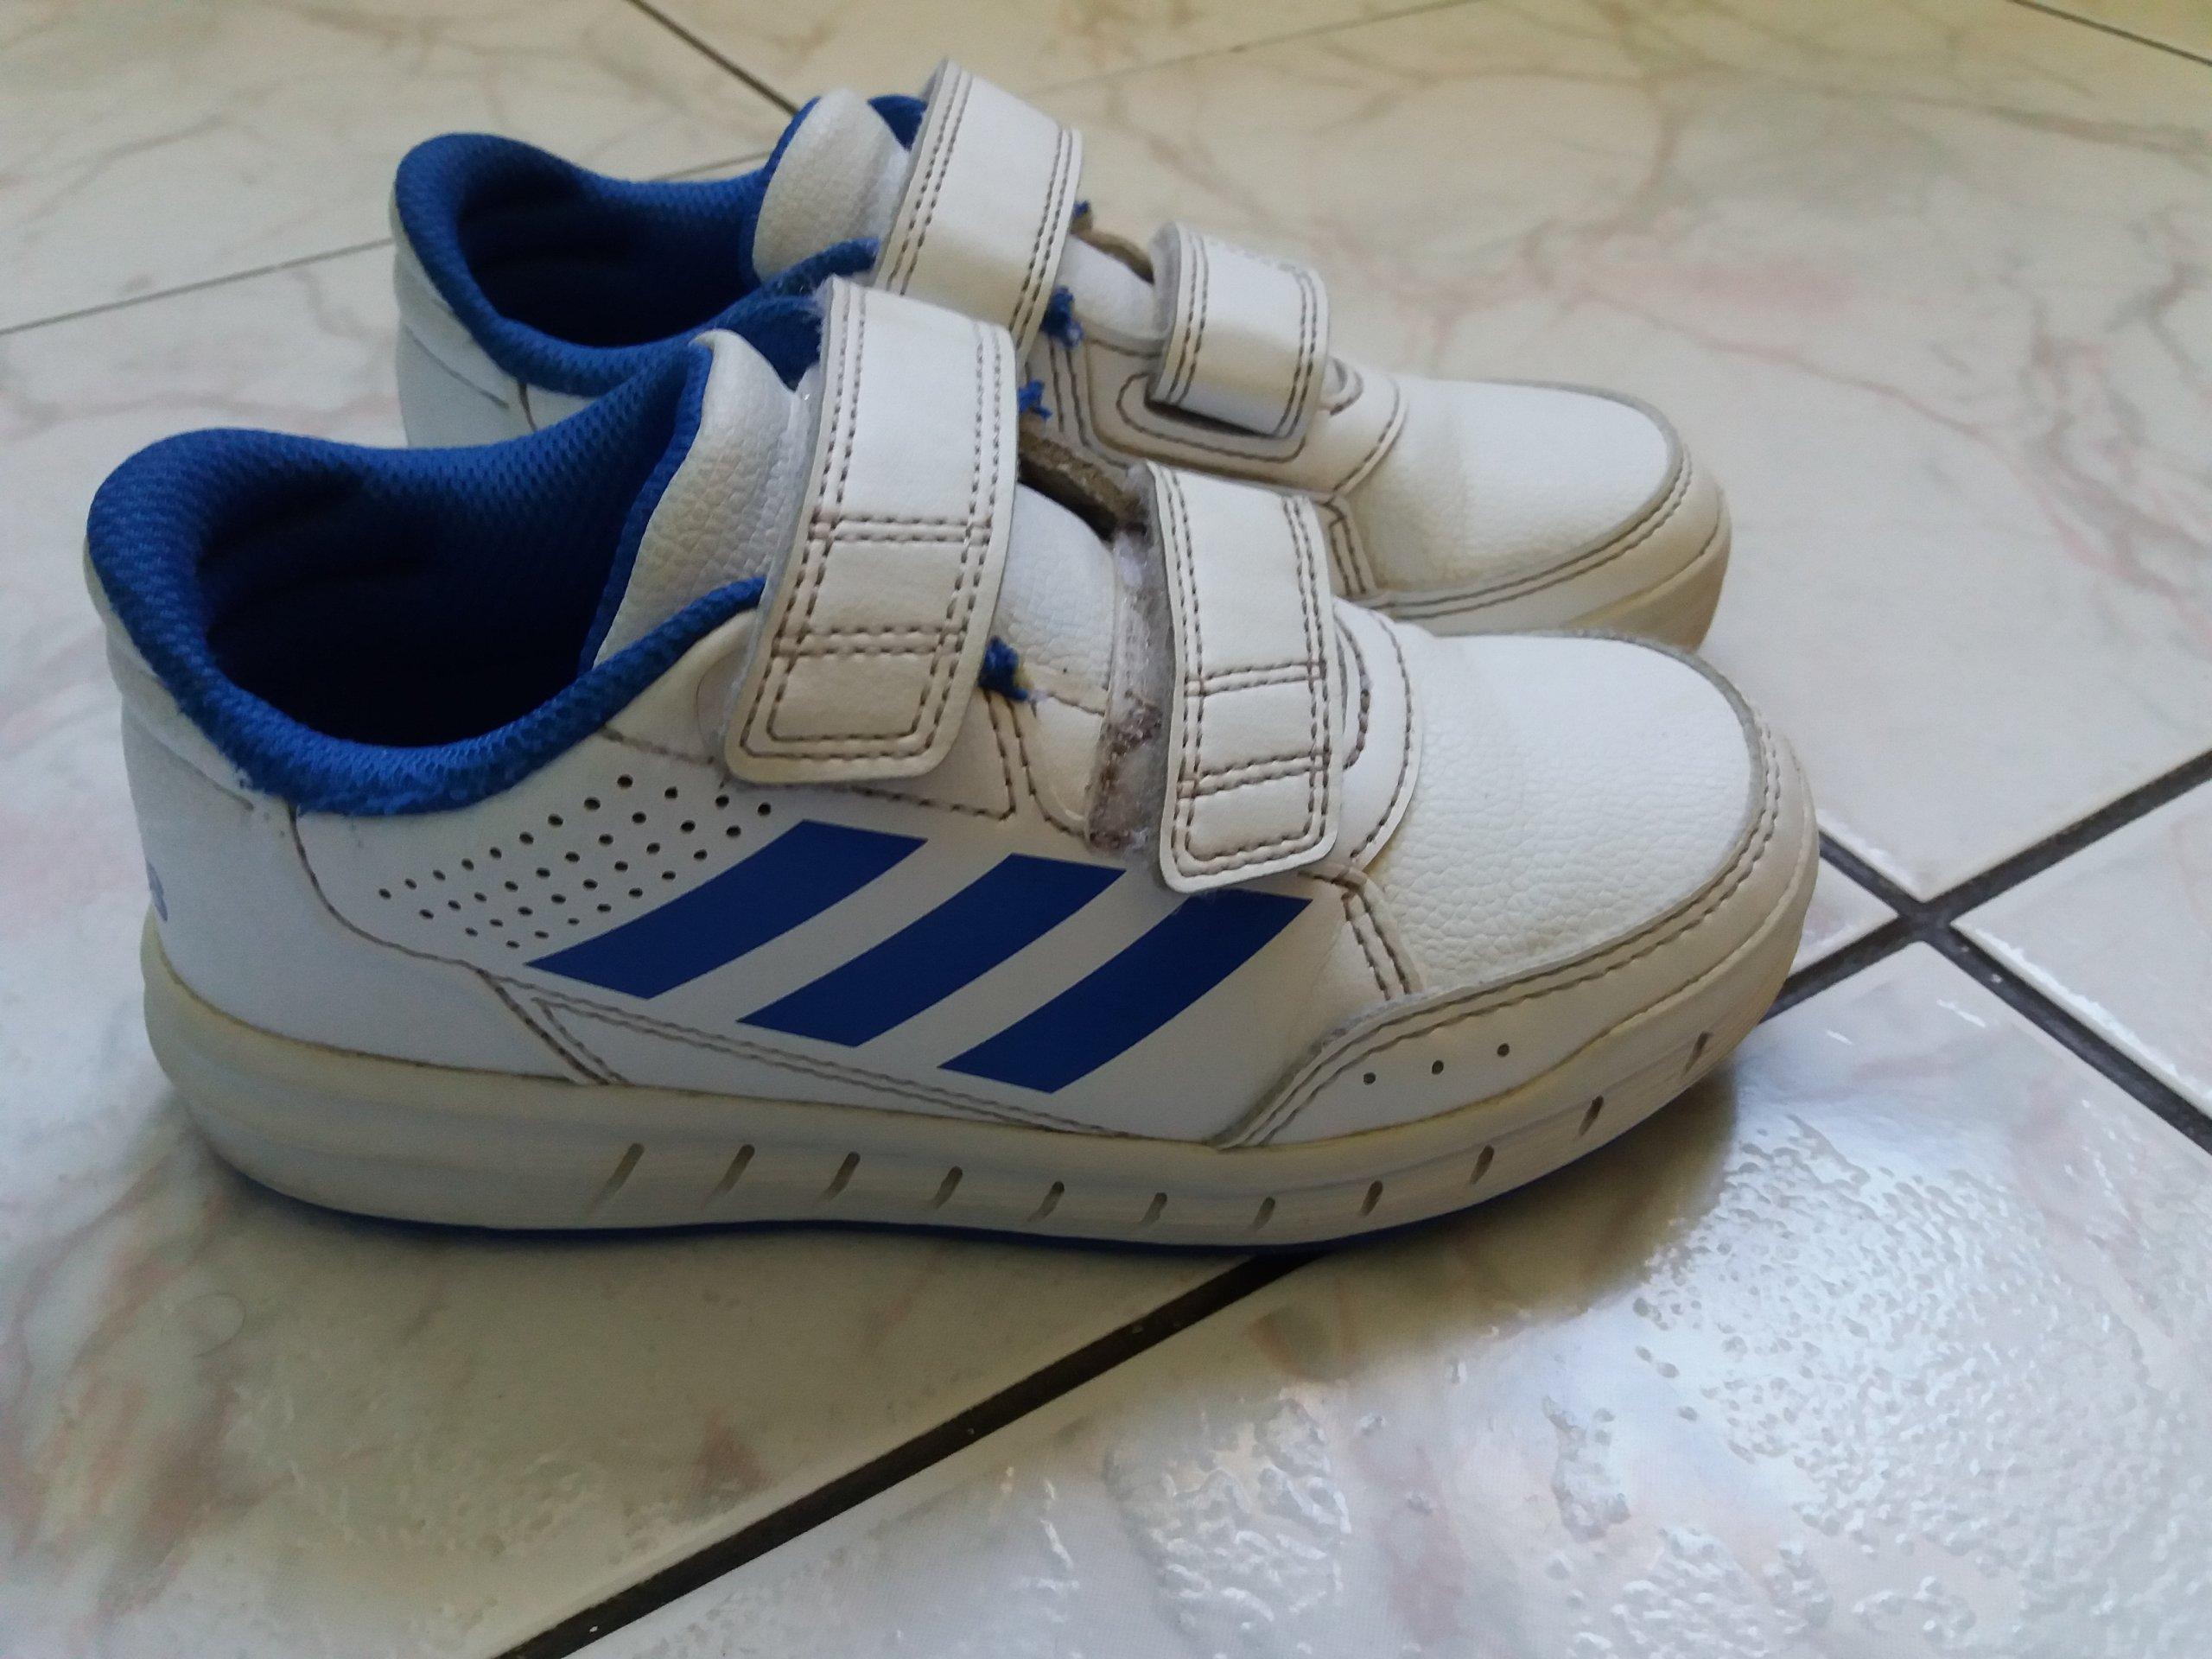 09434f7284ebe Buty Adidas rozmiar 28 - 7346738031 - oficjalne archiwum allegro